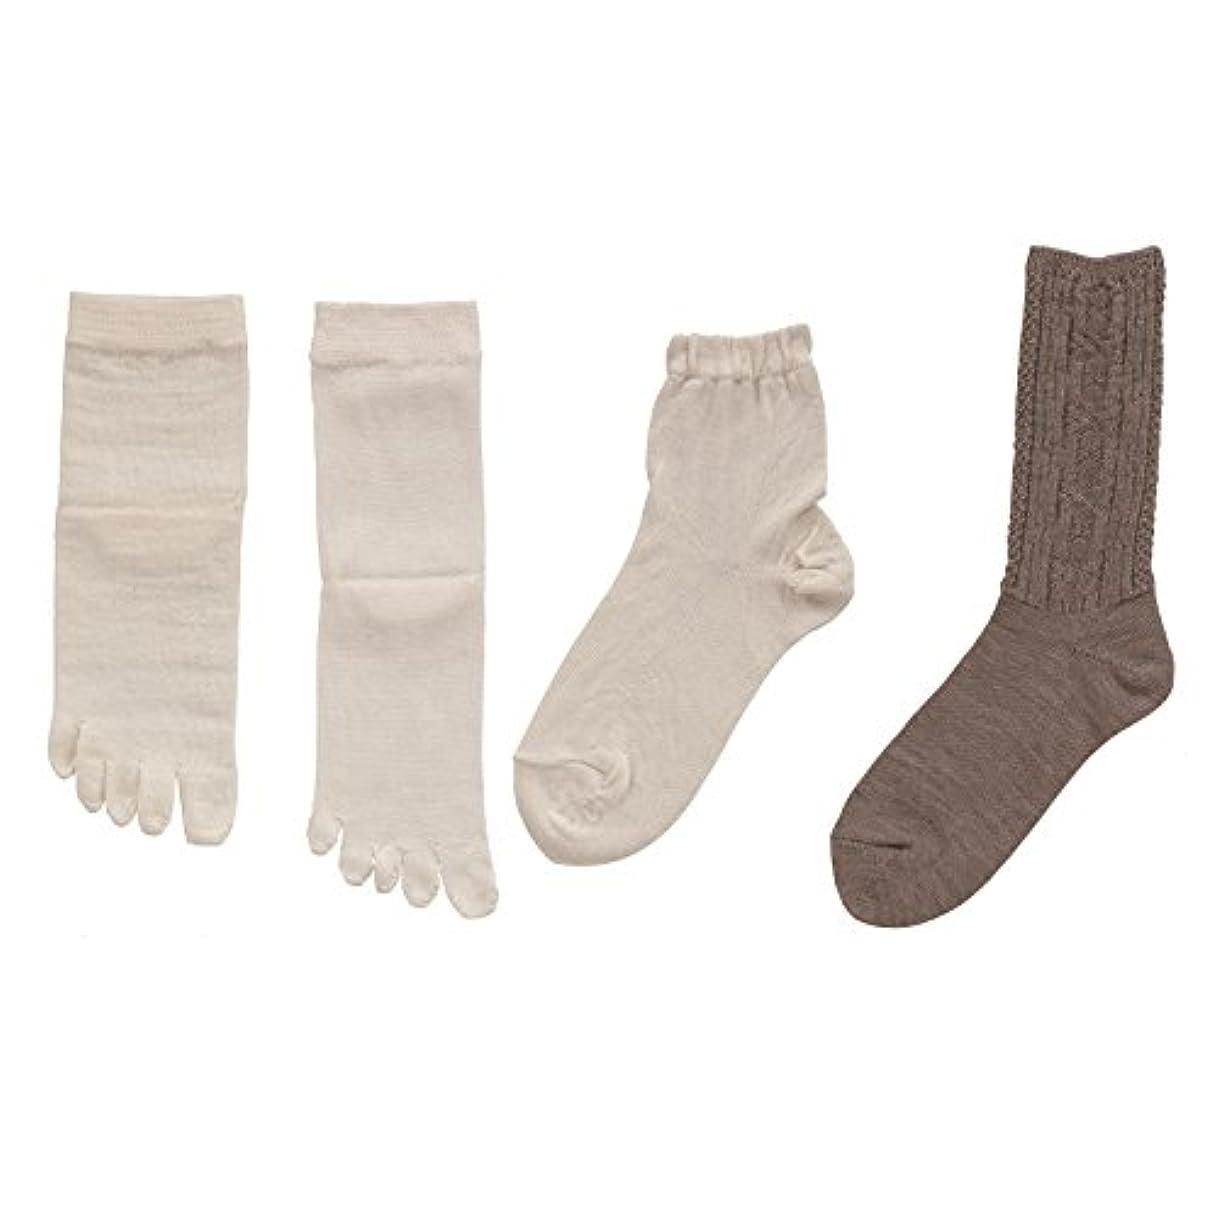 ワイド第九政治家の砂山靴下 TUMUGI 絹と毛の4枚重ね履き靴下 グレー